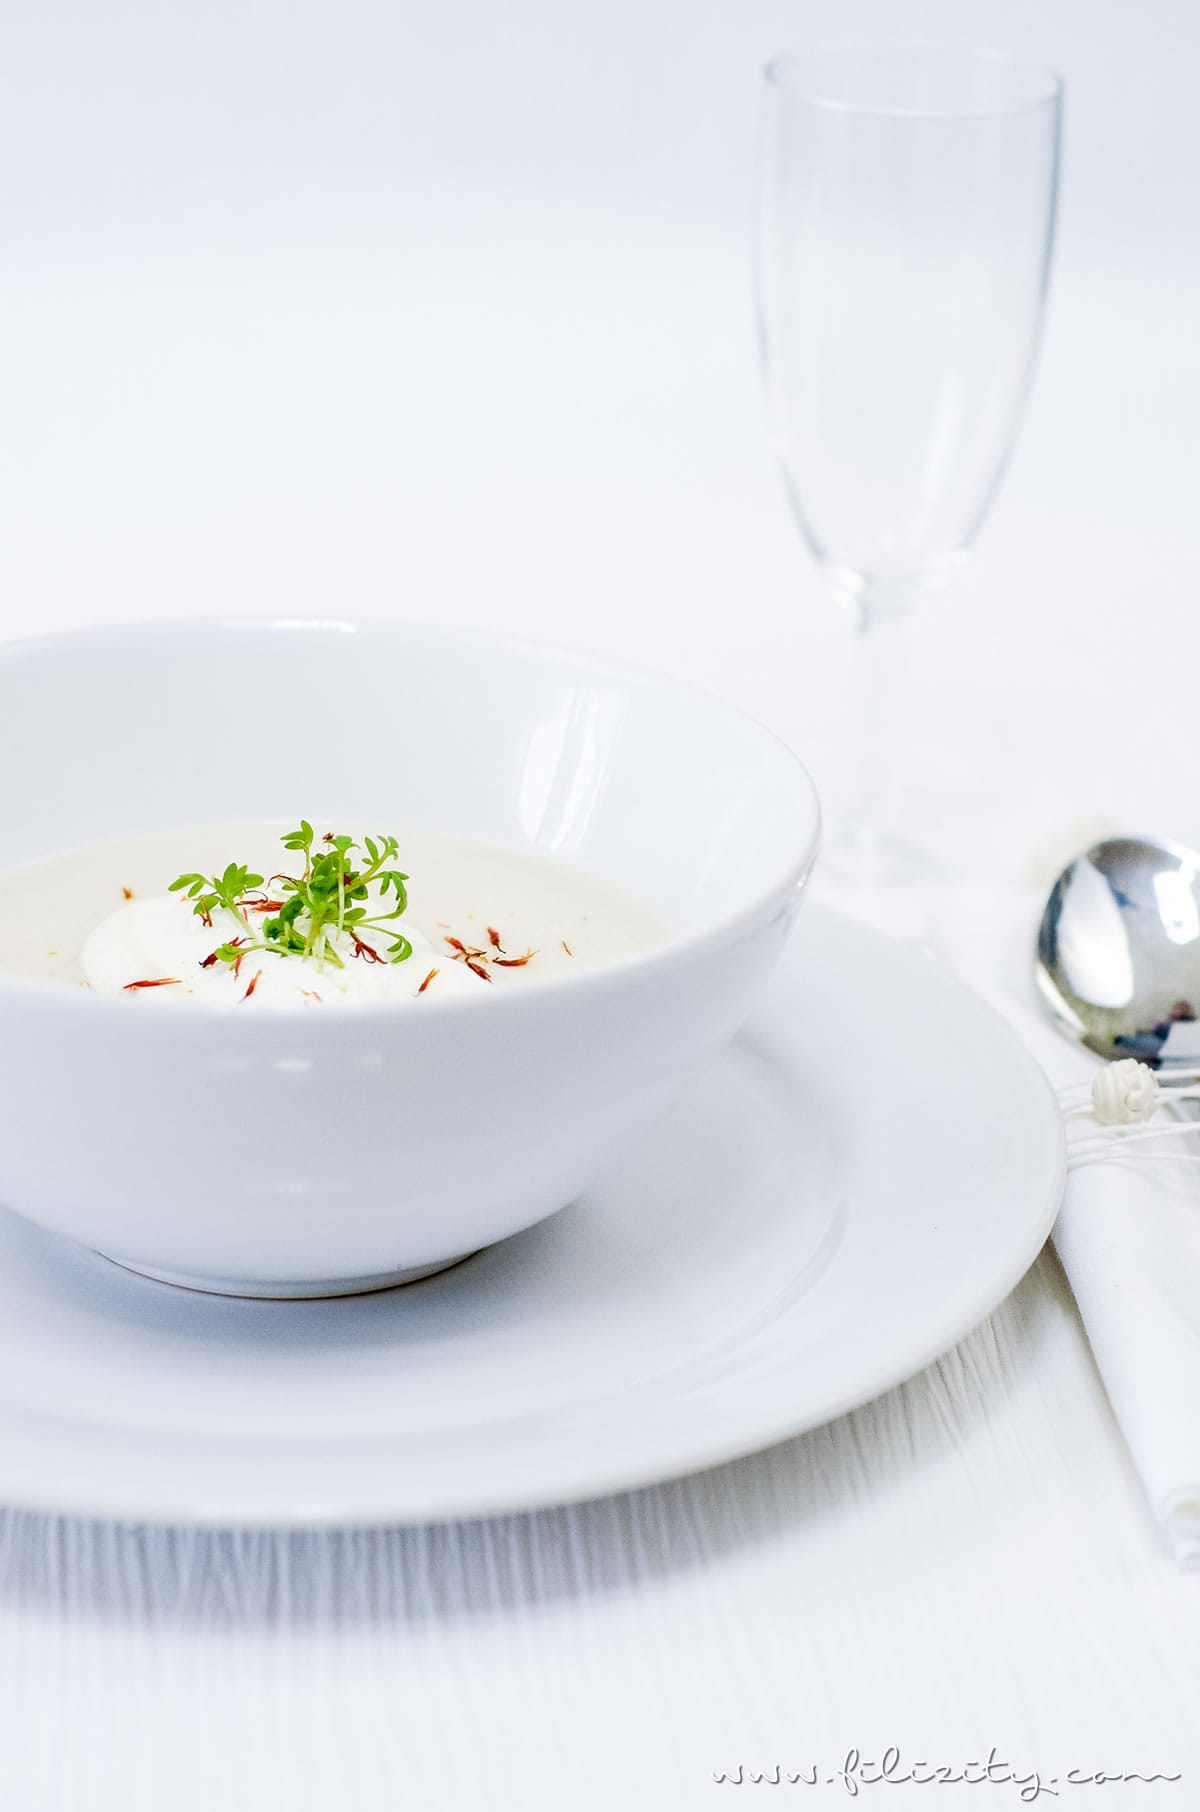 Rezept für orientalische Schwarzwurzel-Cremesuppe | Perfekt für Diner en Blanc | Filizity.com | Food-Blog aus dem Rheinland #vegetarisch #suppe #spargel